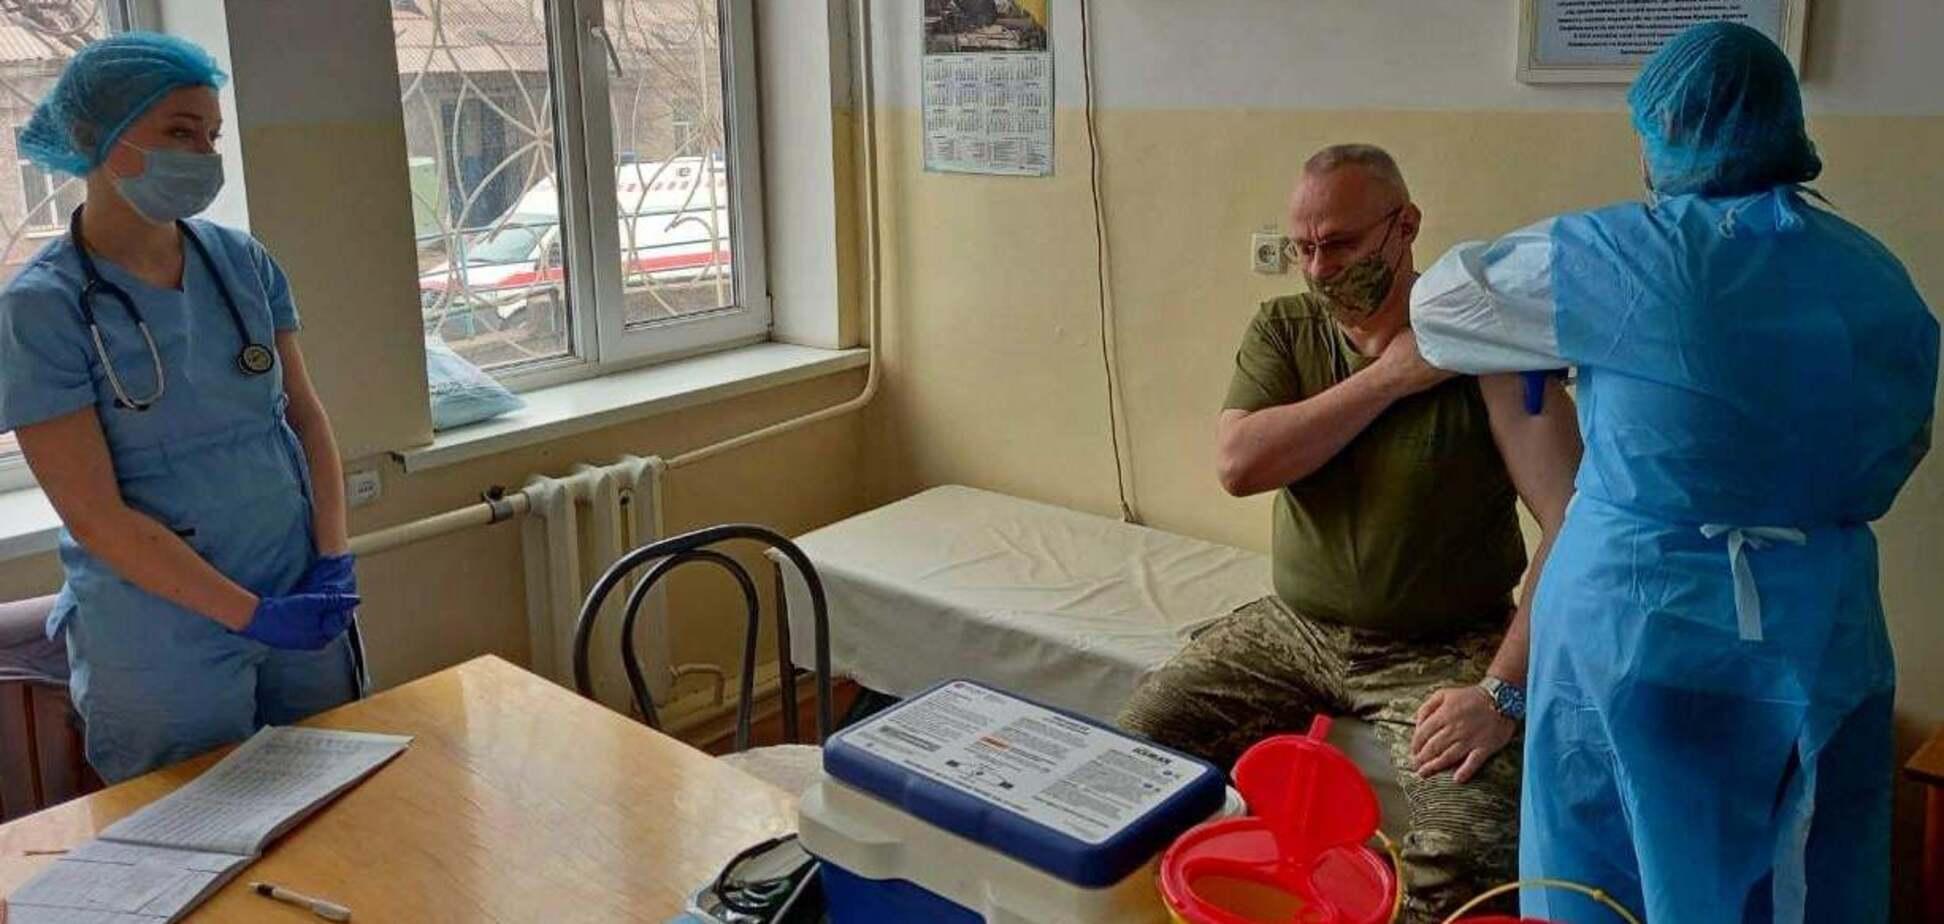 Головнокомандувач ЗСУ Хомчак вакцинувався проти COVID-19 на фронті. Фото